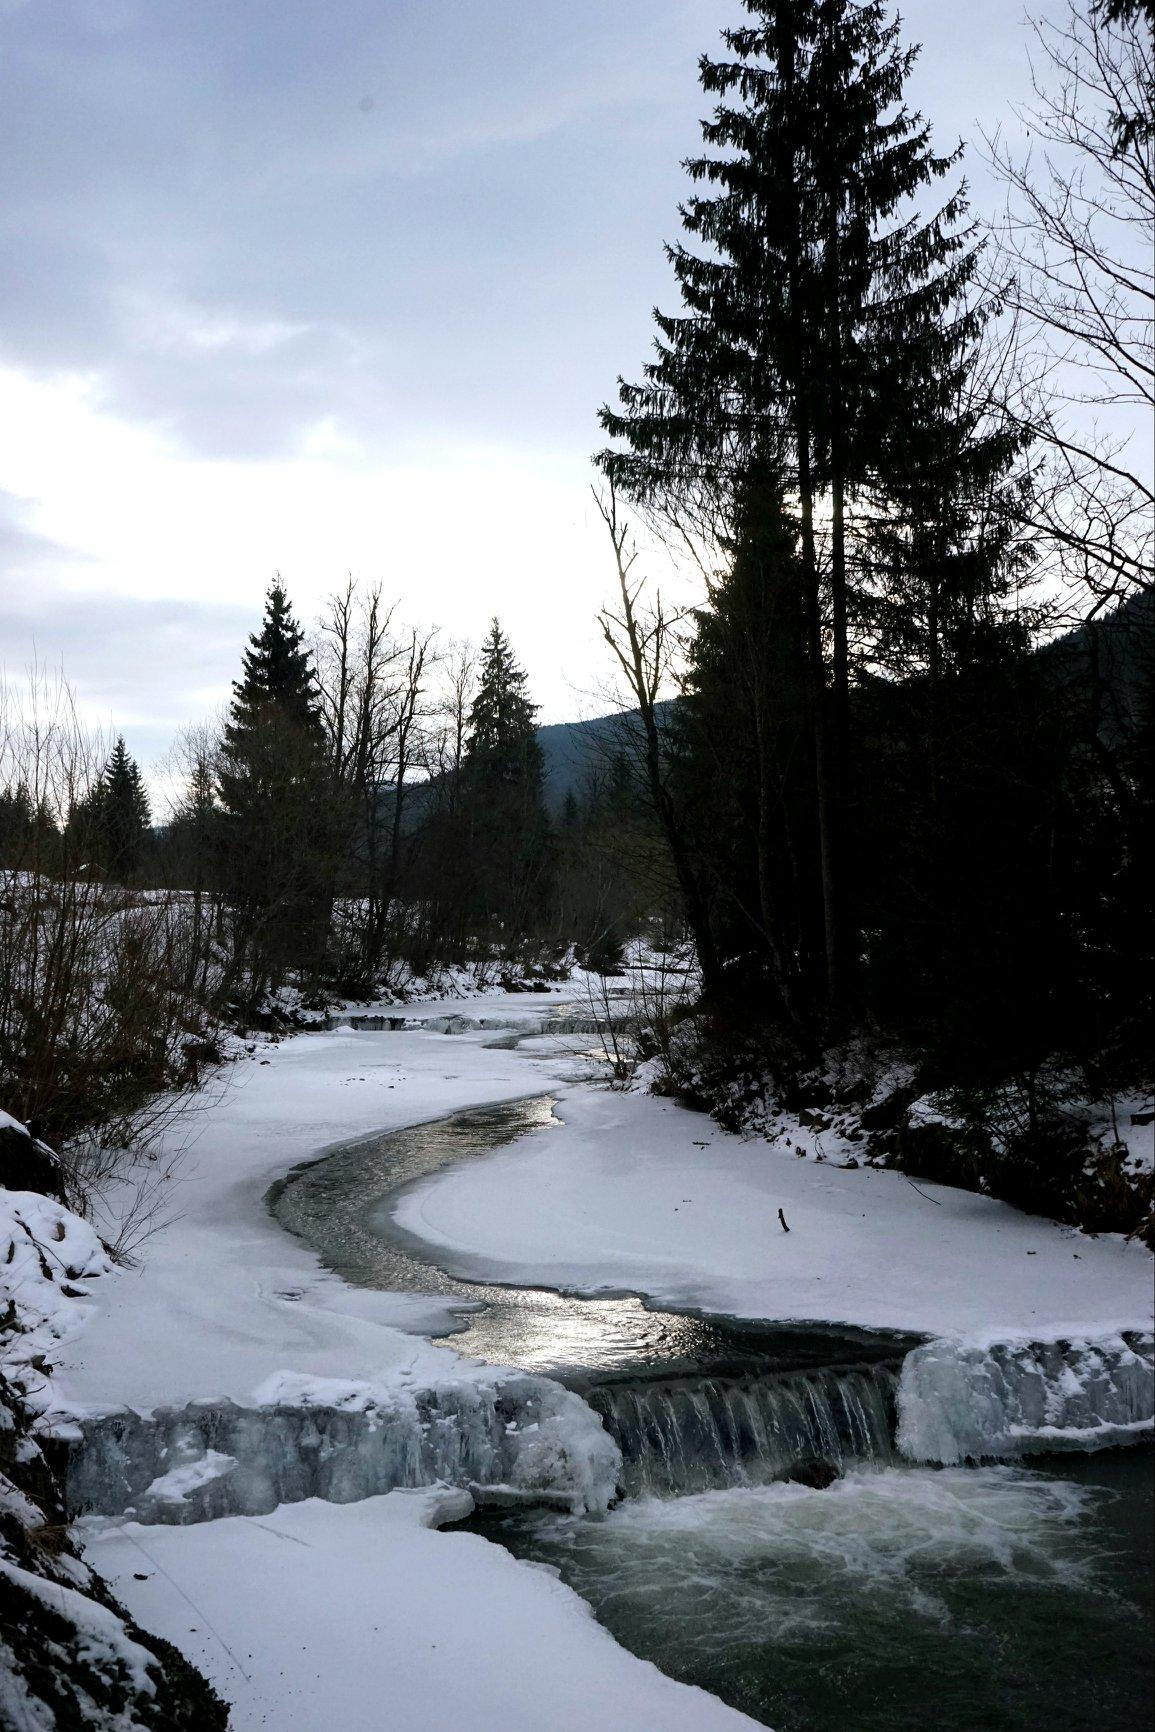 Норовисті води Щауля стримують дев'ятнадцять перепадів